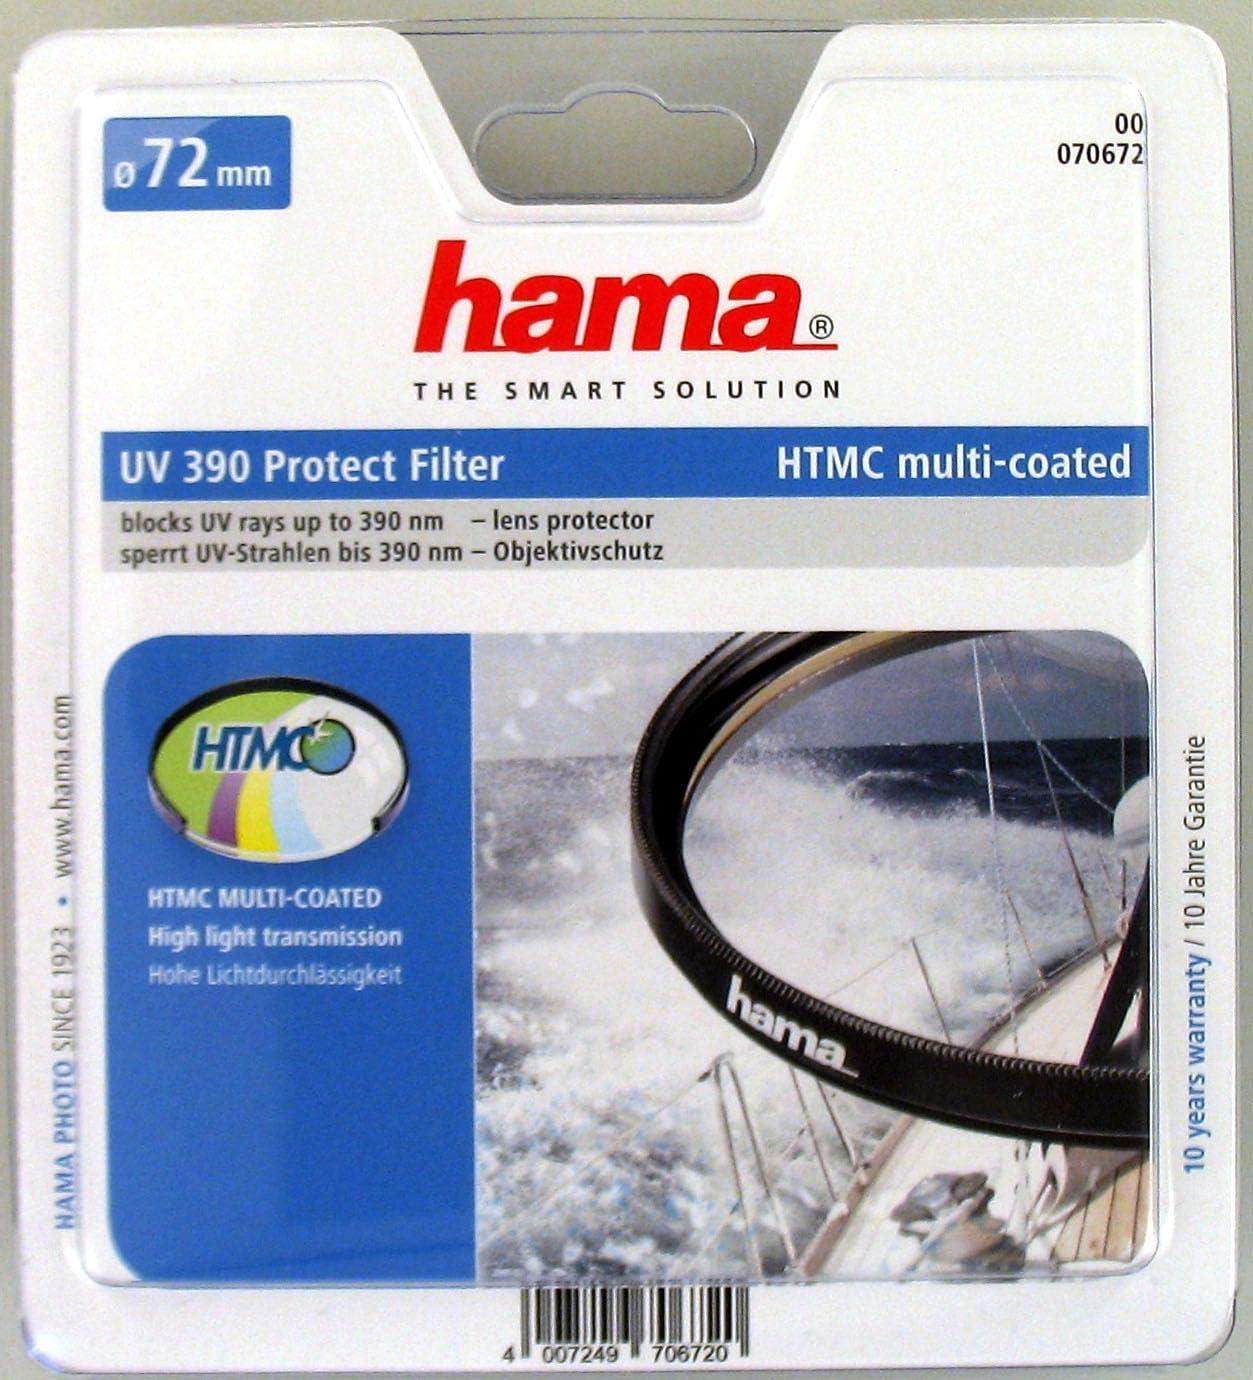 Hama UV HTMC Filter 55mm